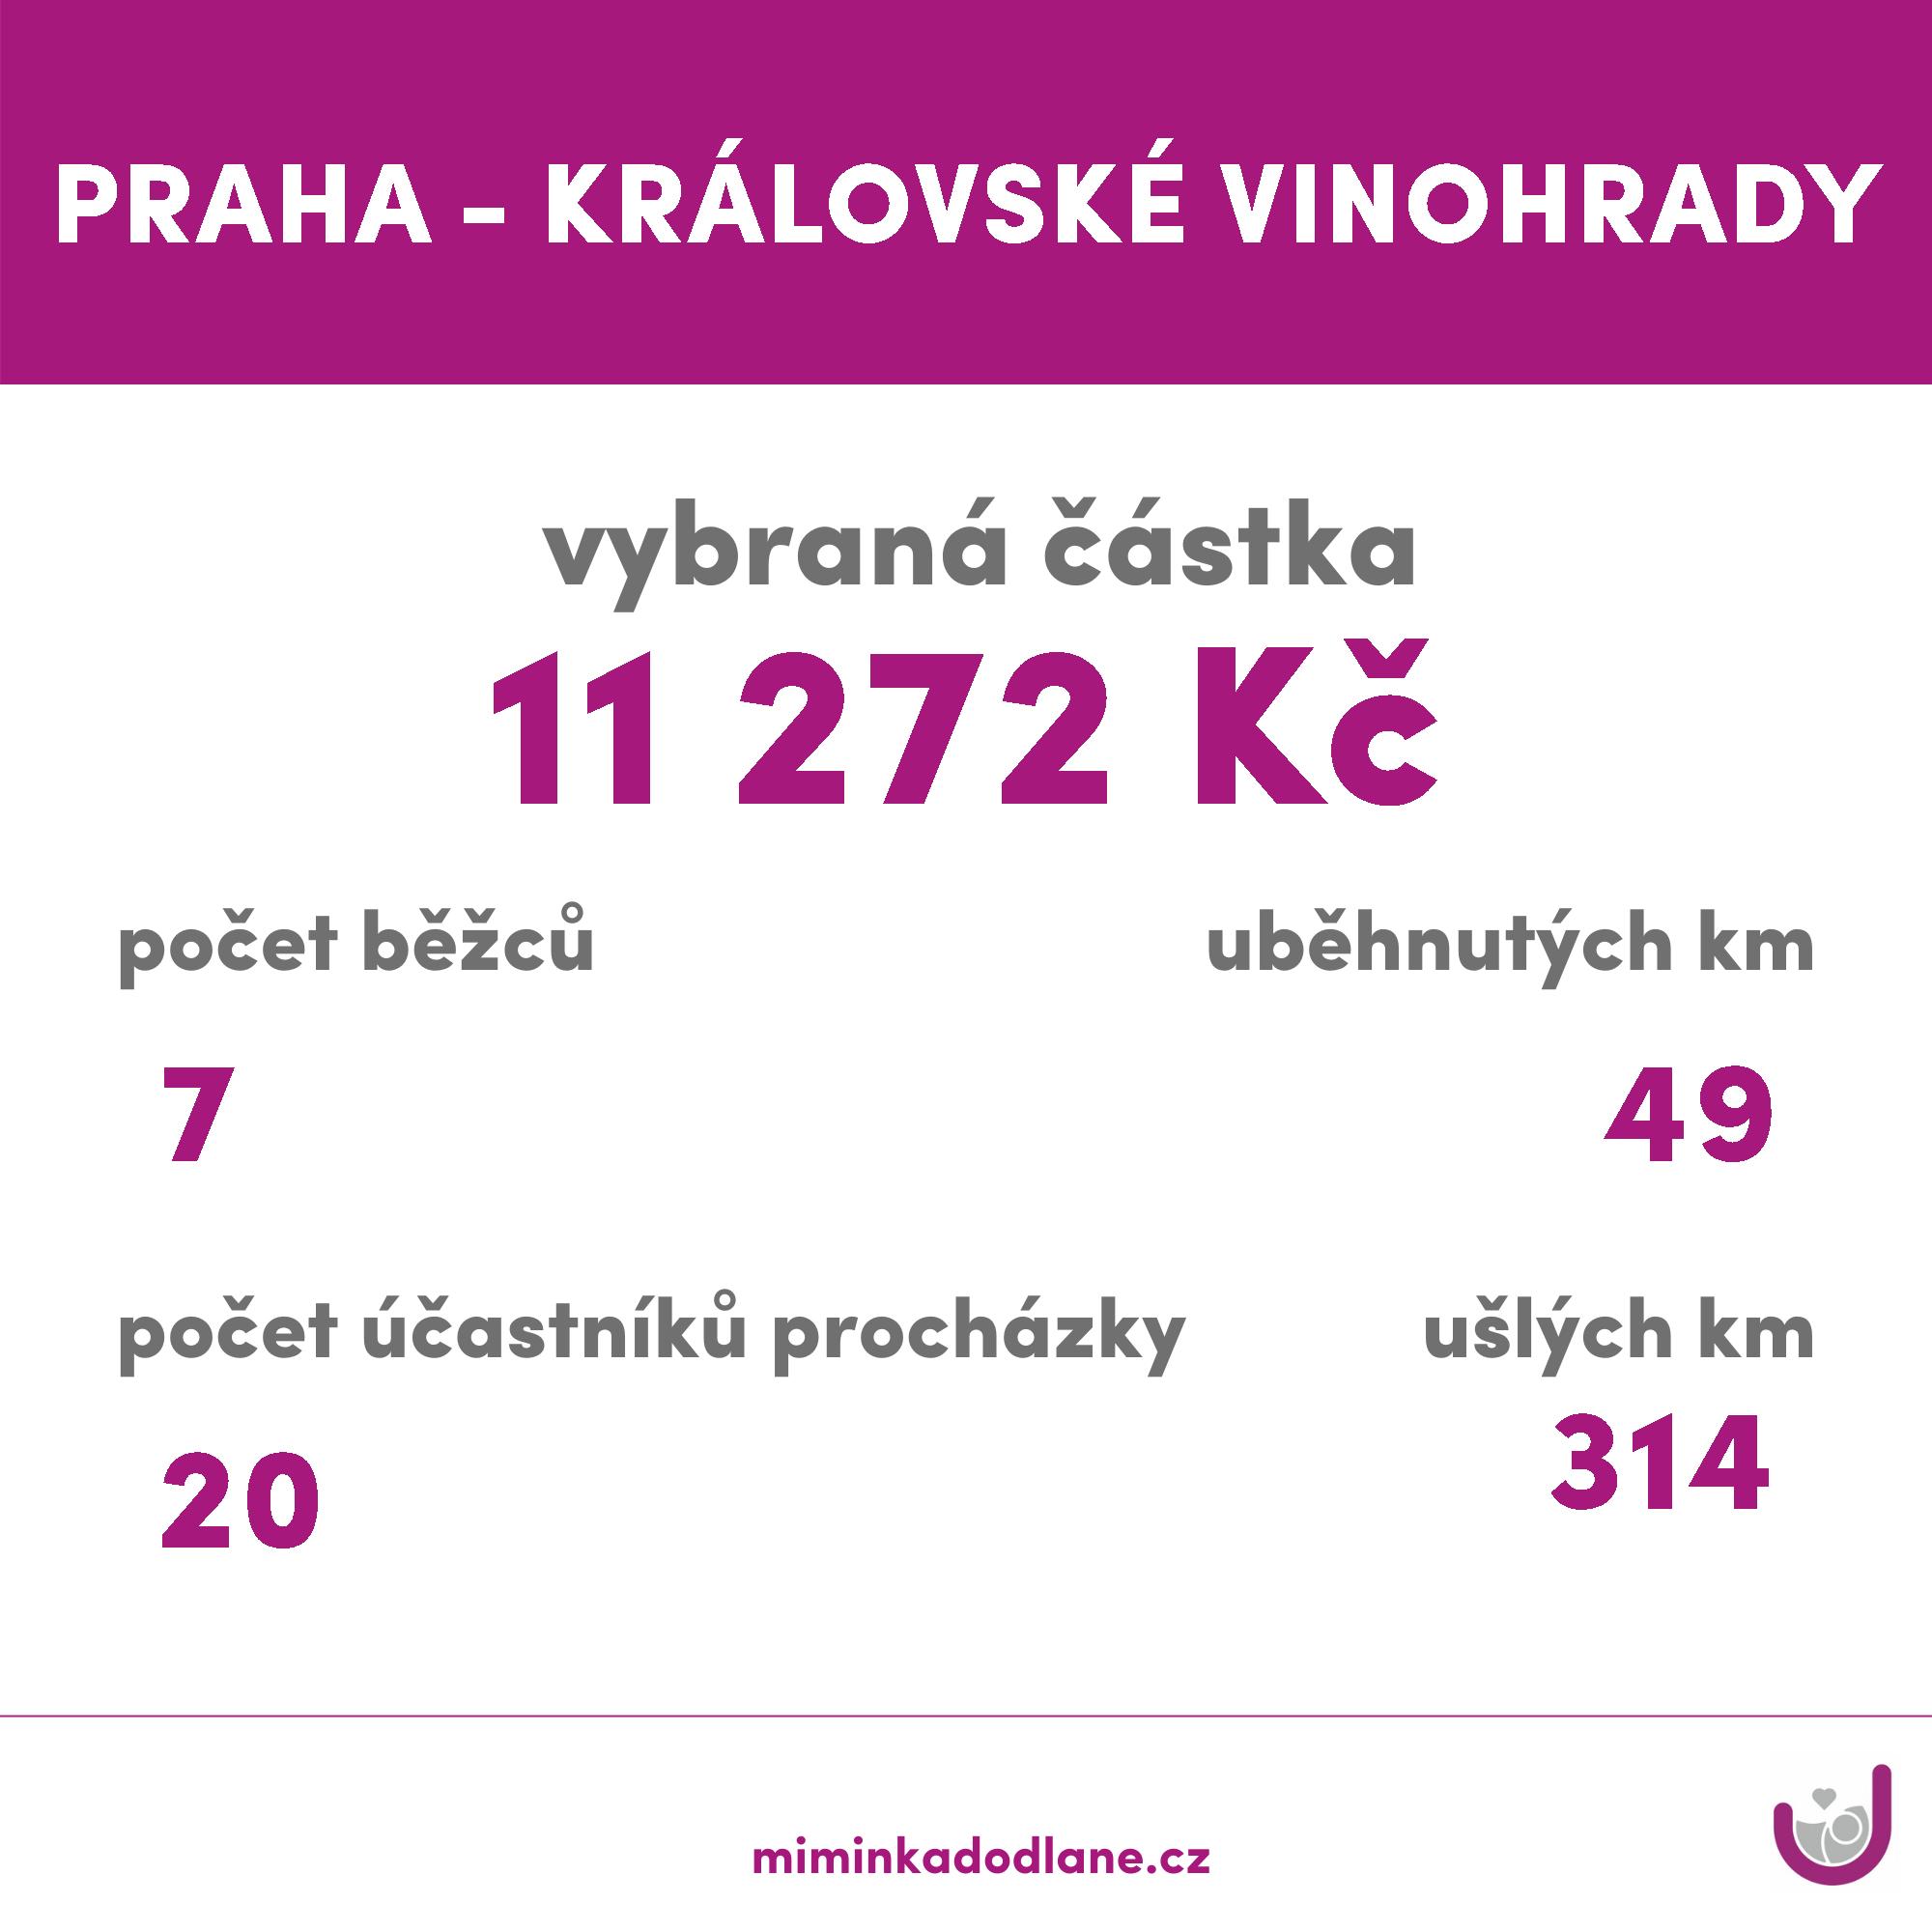 PRAHA - KRÁLOVSKÉ VINOHRADY